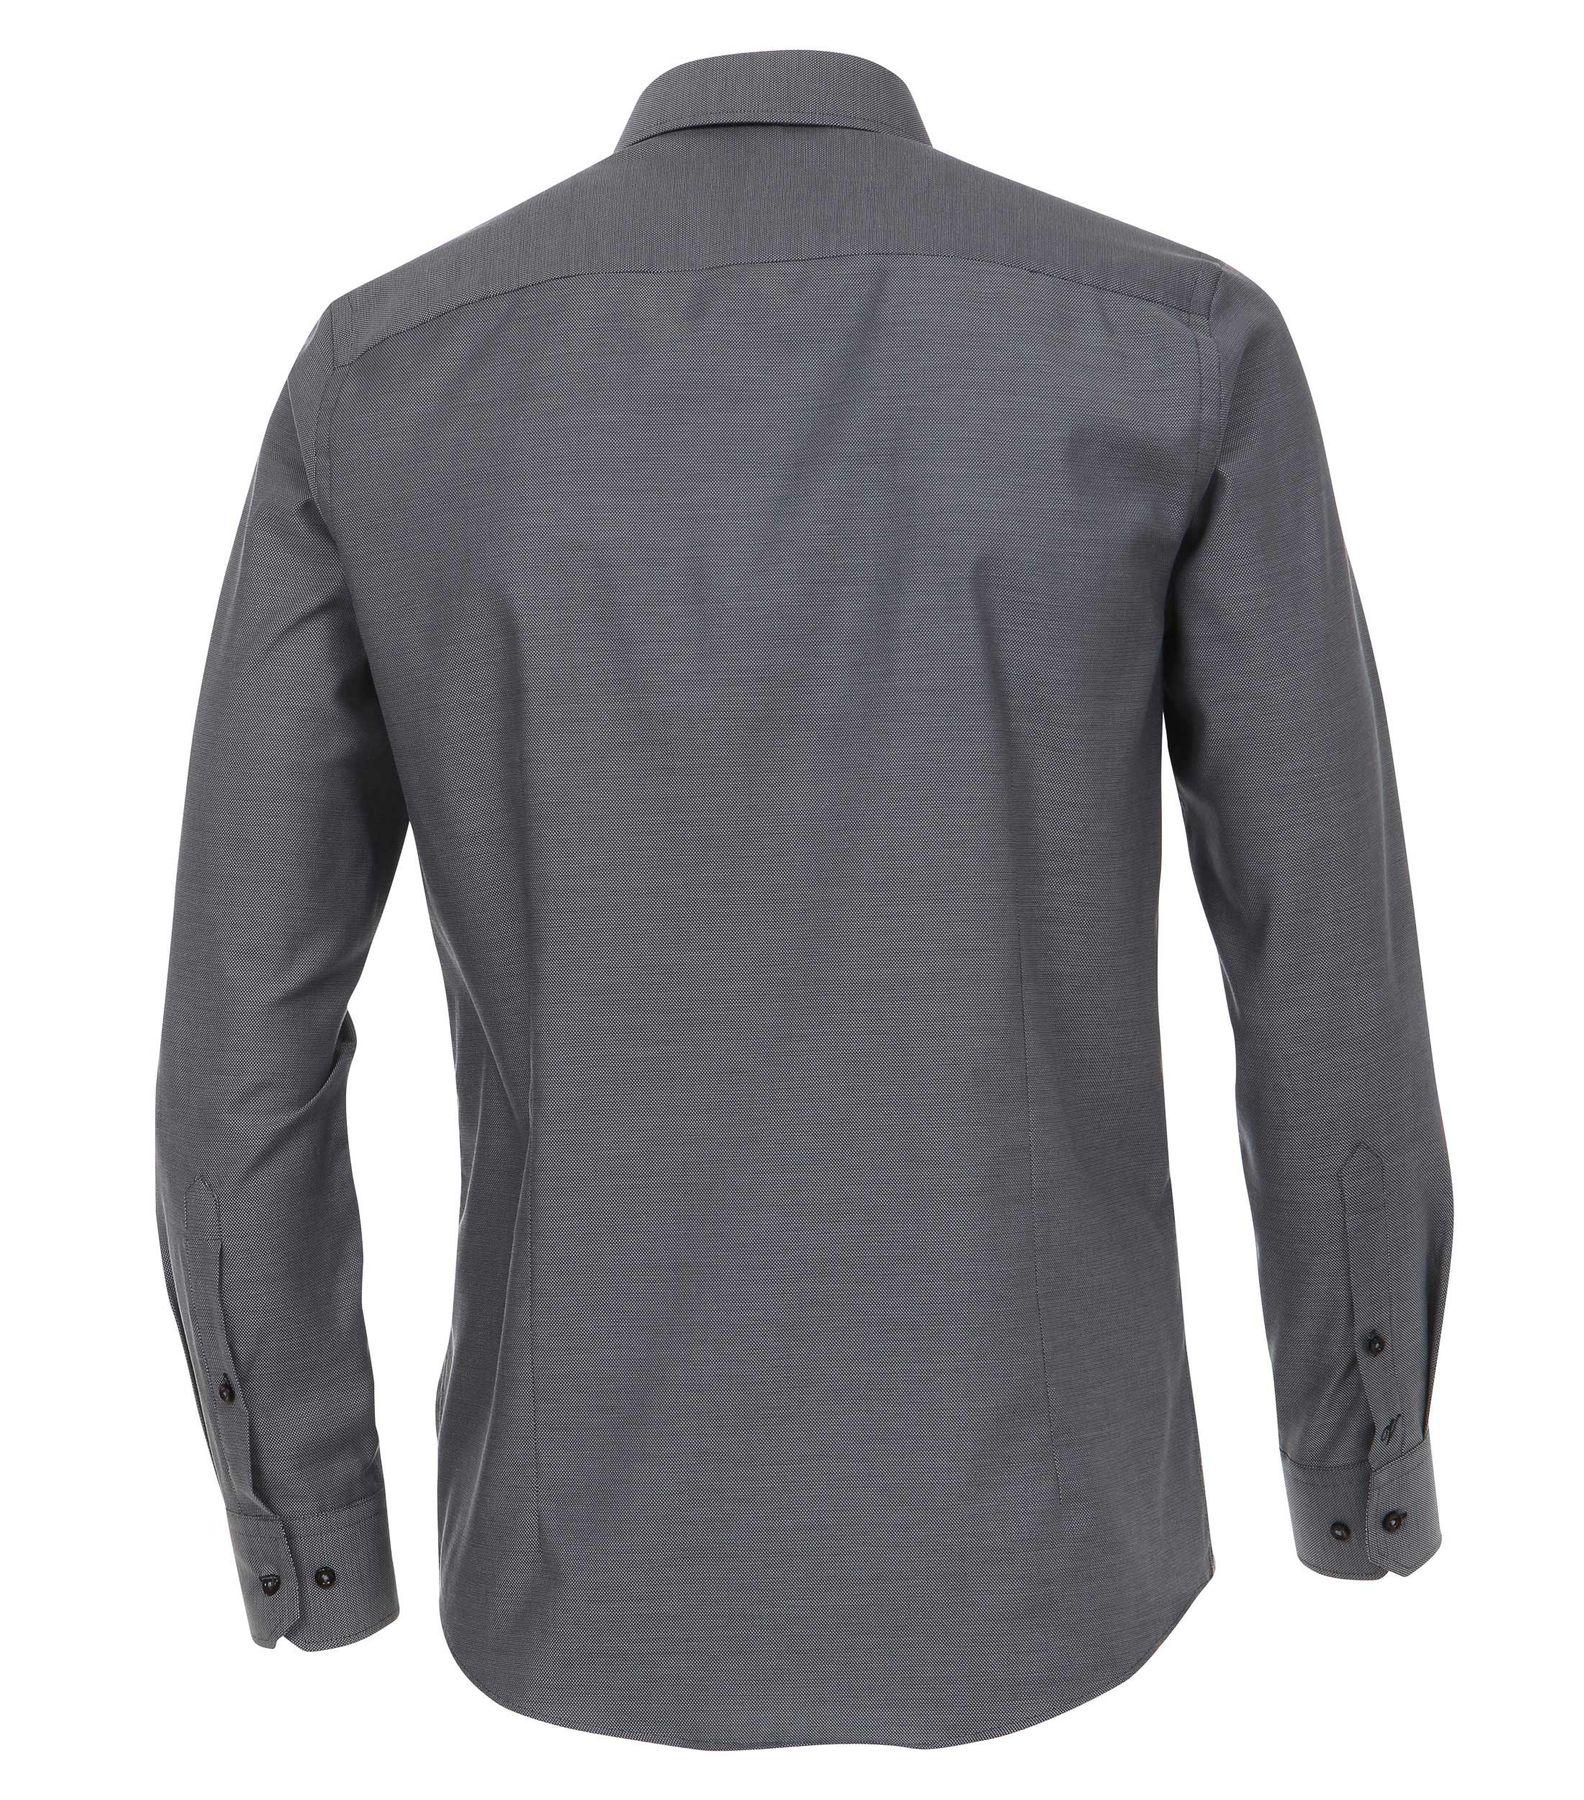 Venti - Slim Fit - Herren Langarm Hemd aus 100% Baumwolle mit Kent Kragen in verschiedenen Farben (172678600) – Bild 18